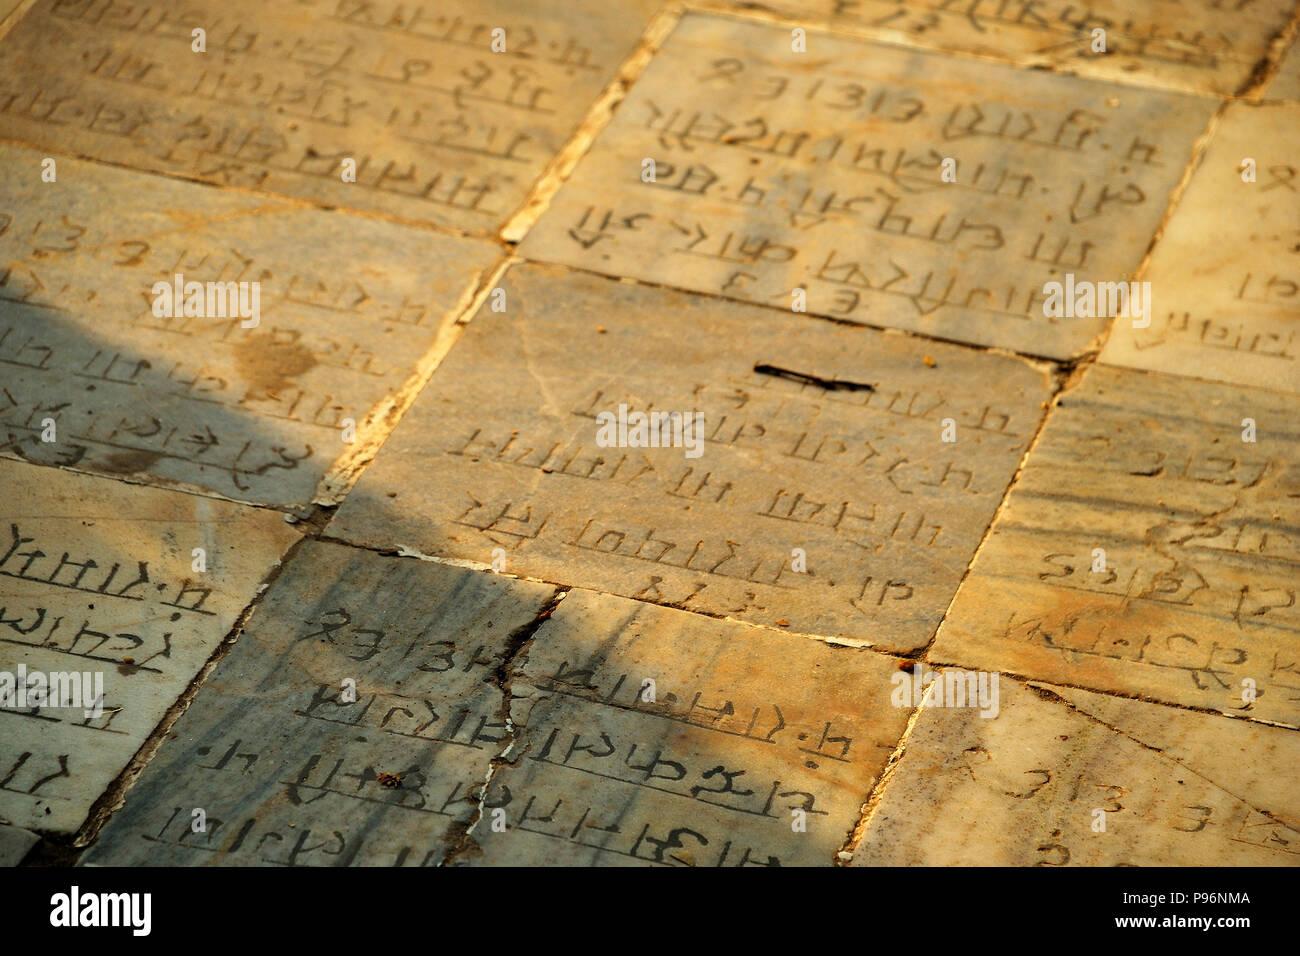 Sanskrit Shloka written on the tiles of Yamuna river ghat